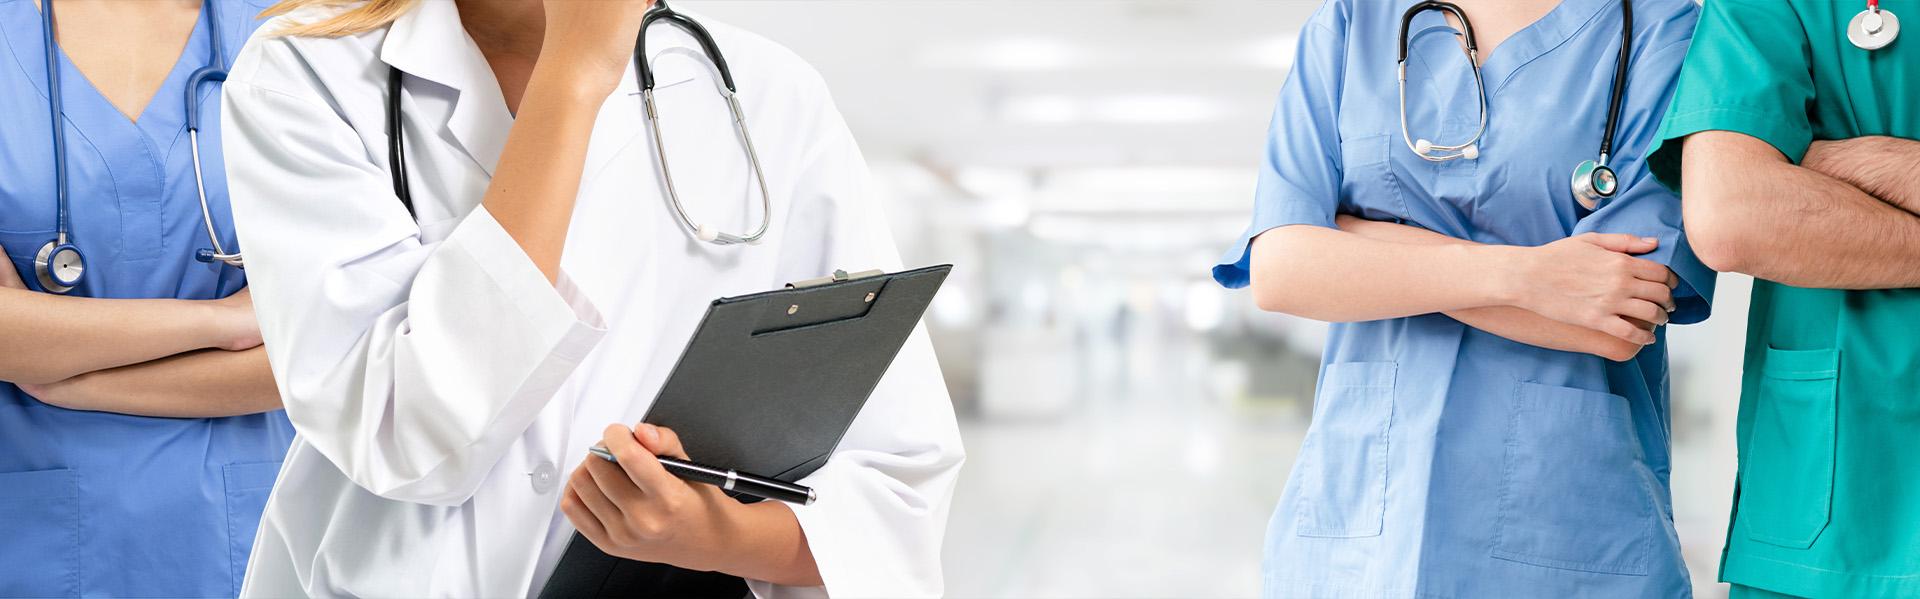 doctor katsivas kardiologist